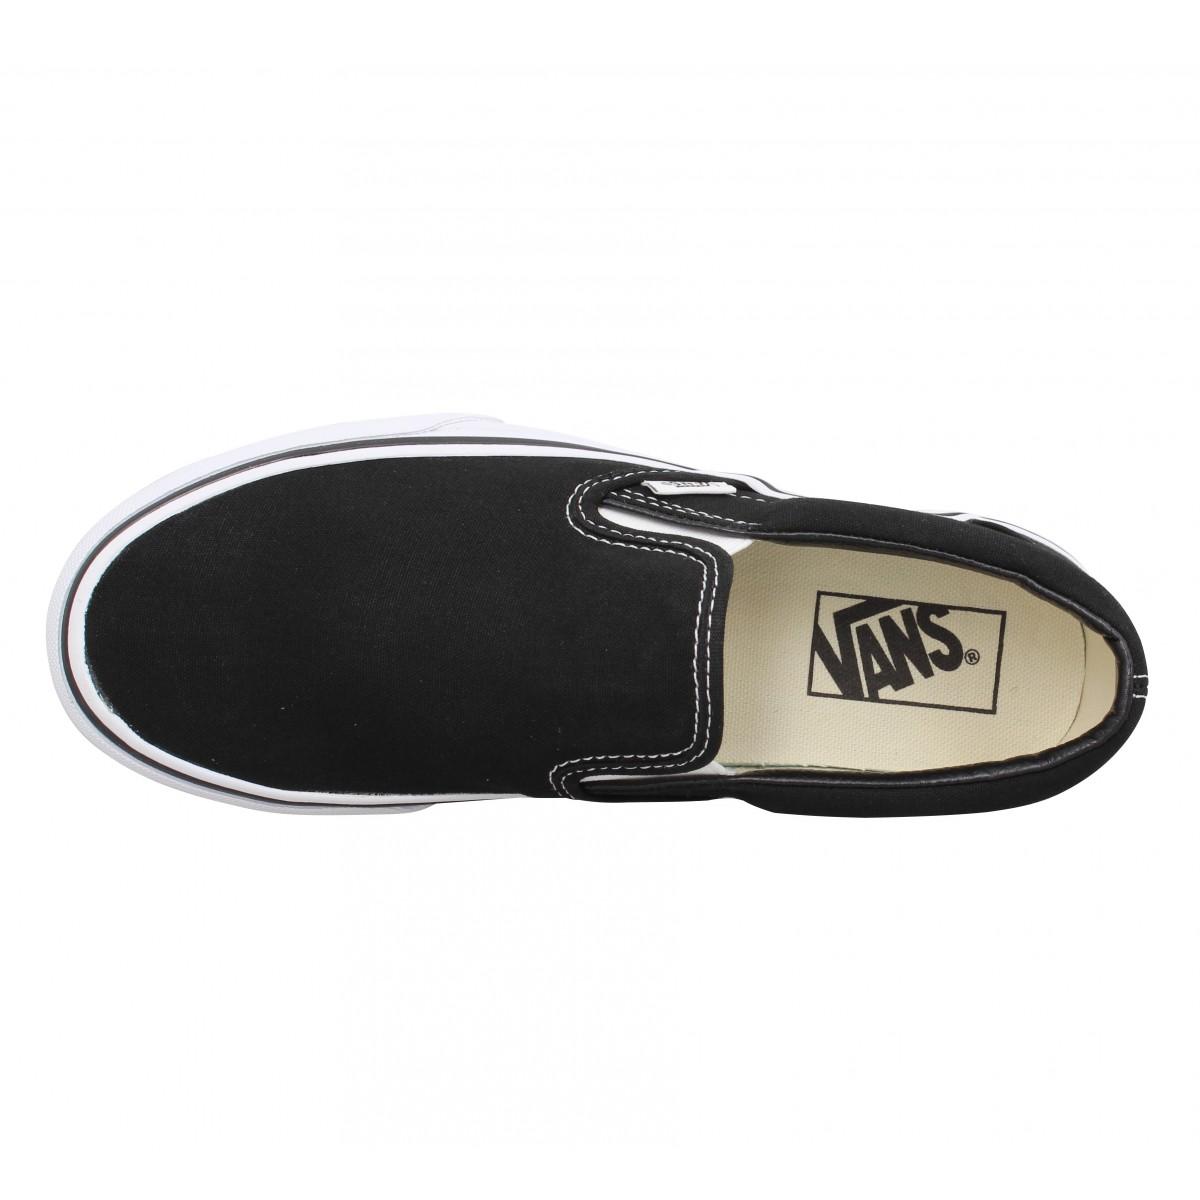 Chaussures Fanny Noir Slip On Classic Platform Fqhsx1 Toile Vans Femme iwTPuXZOk